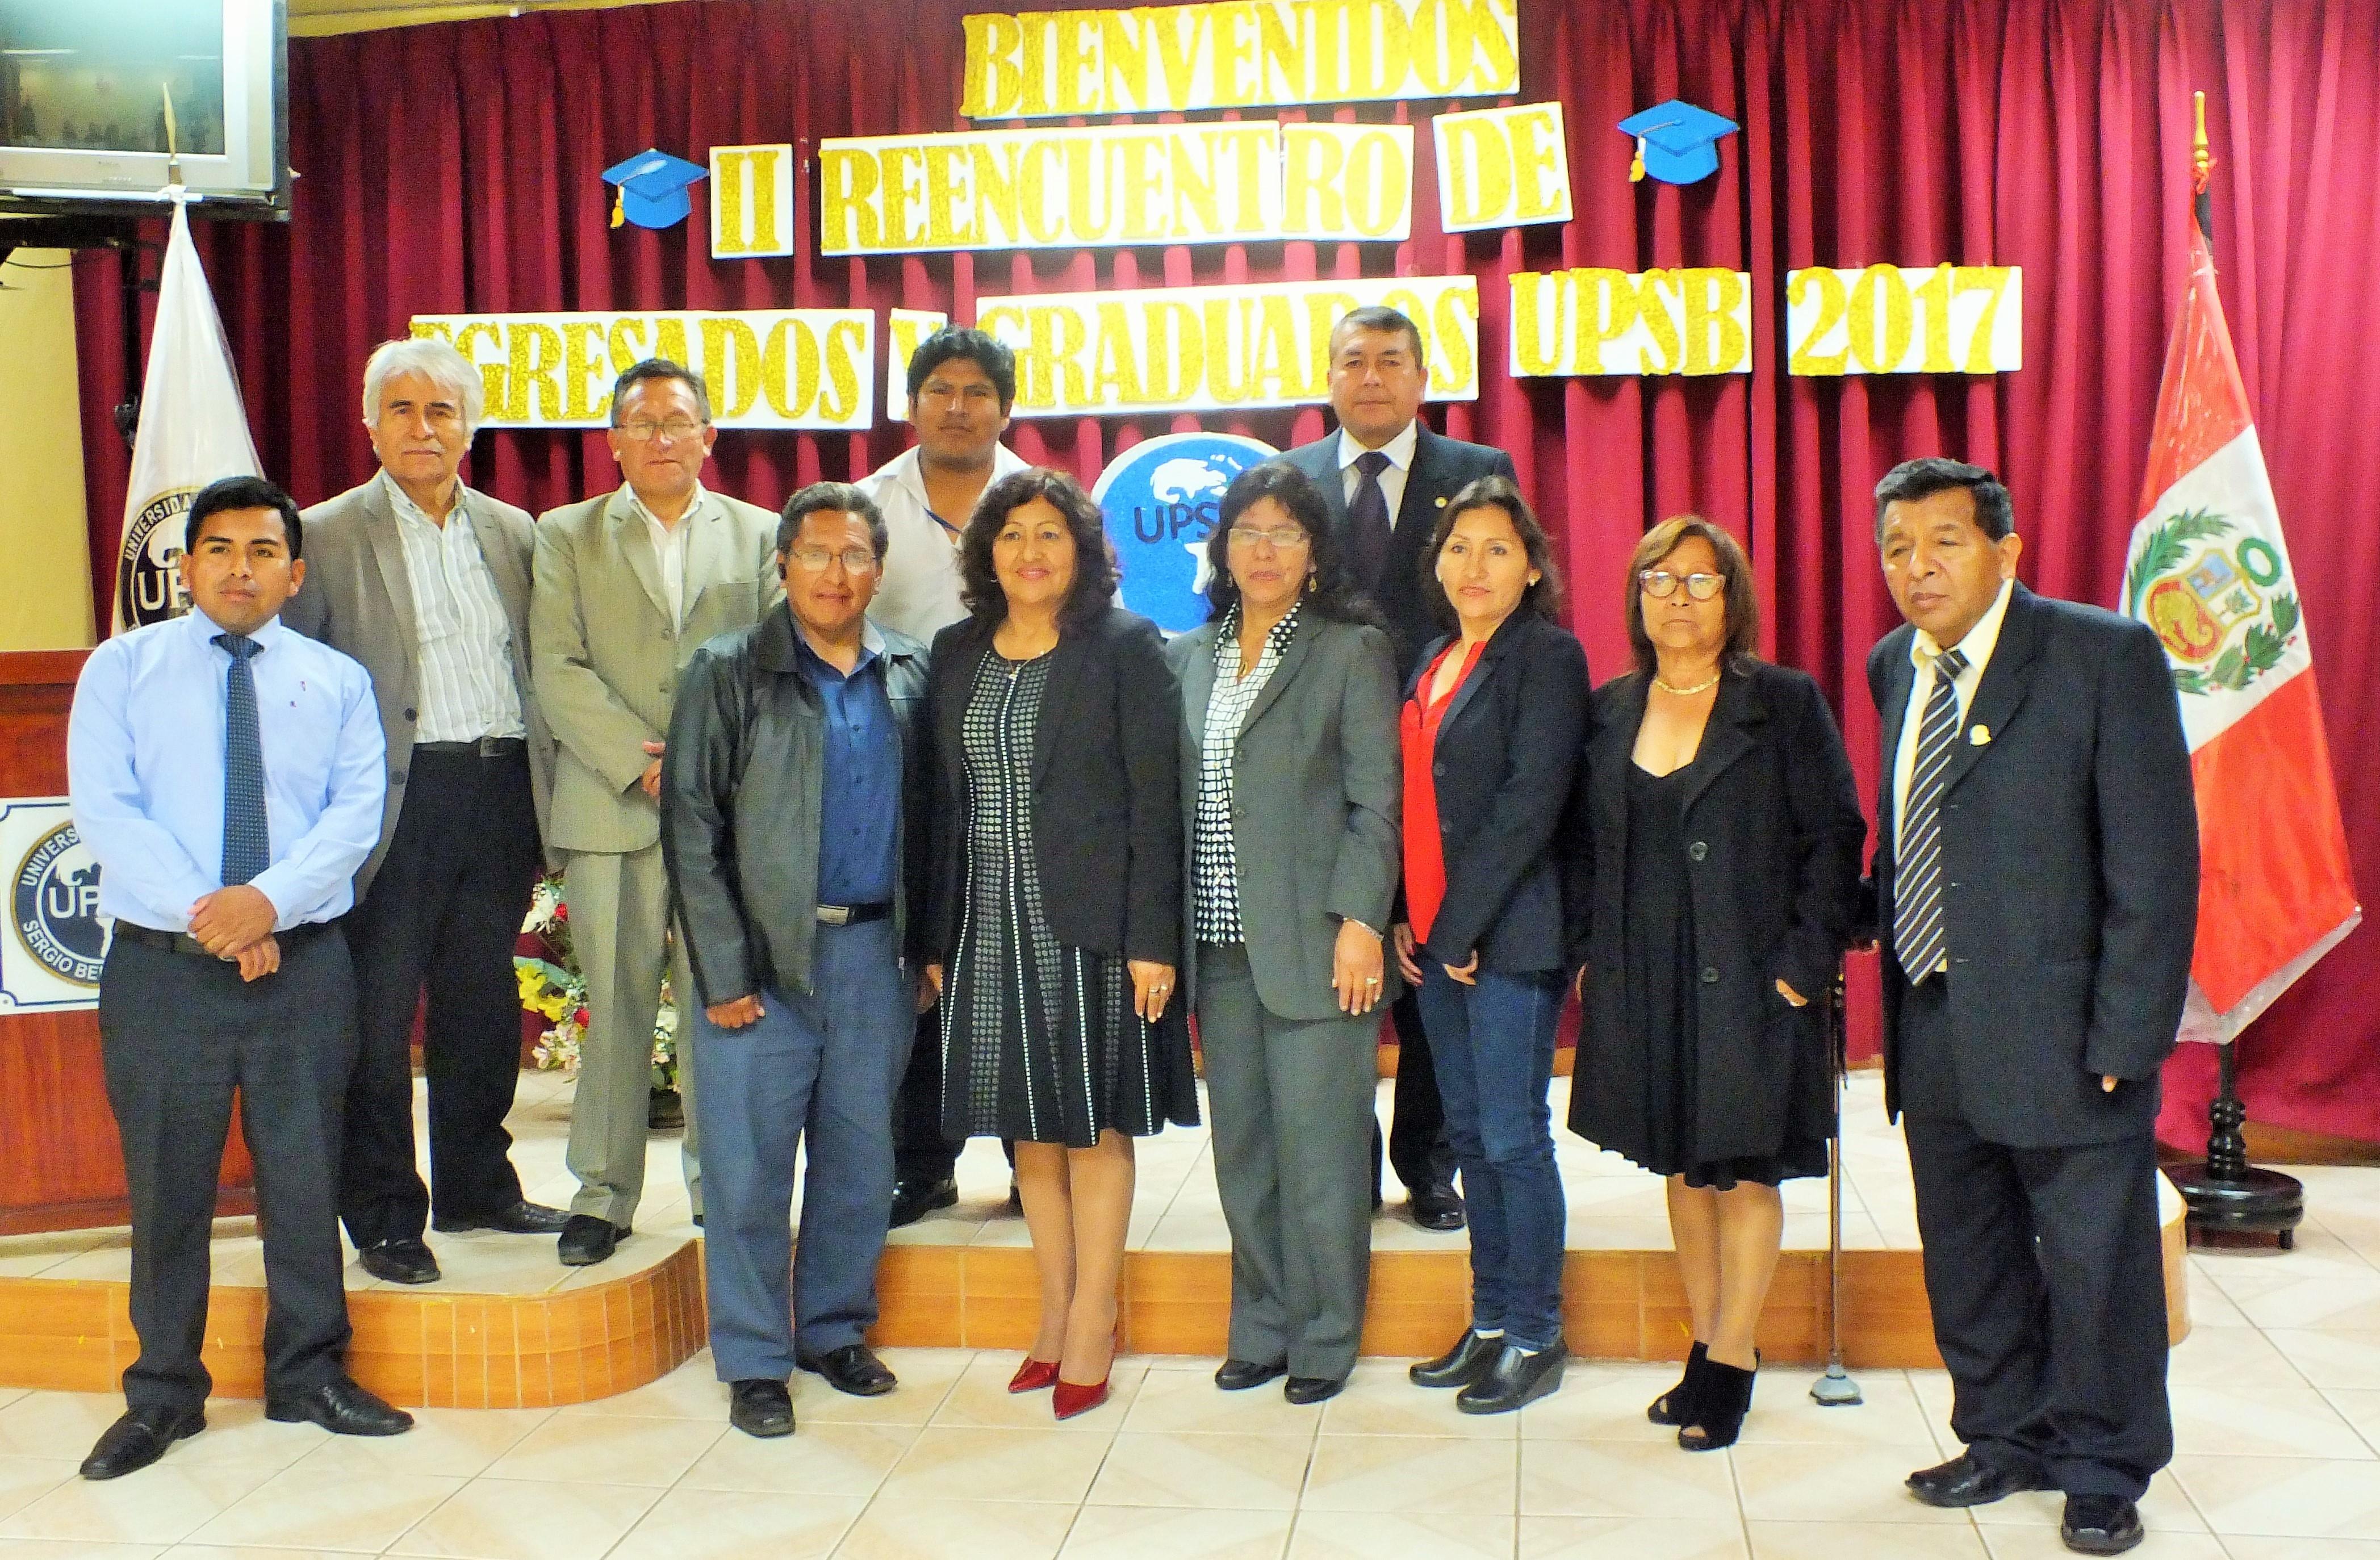 5. II Reencuentro de Egresados y Graduados UPSB